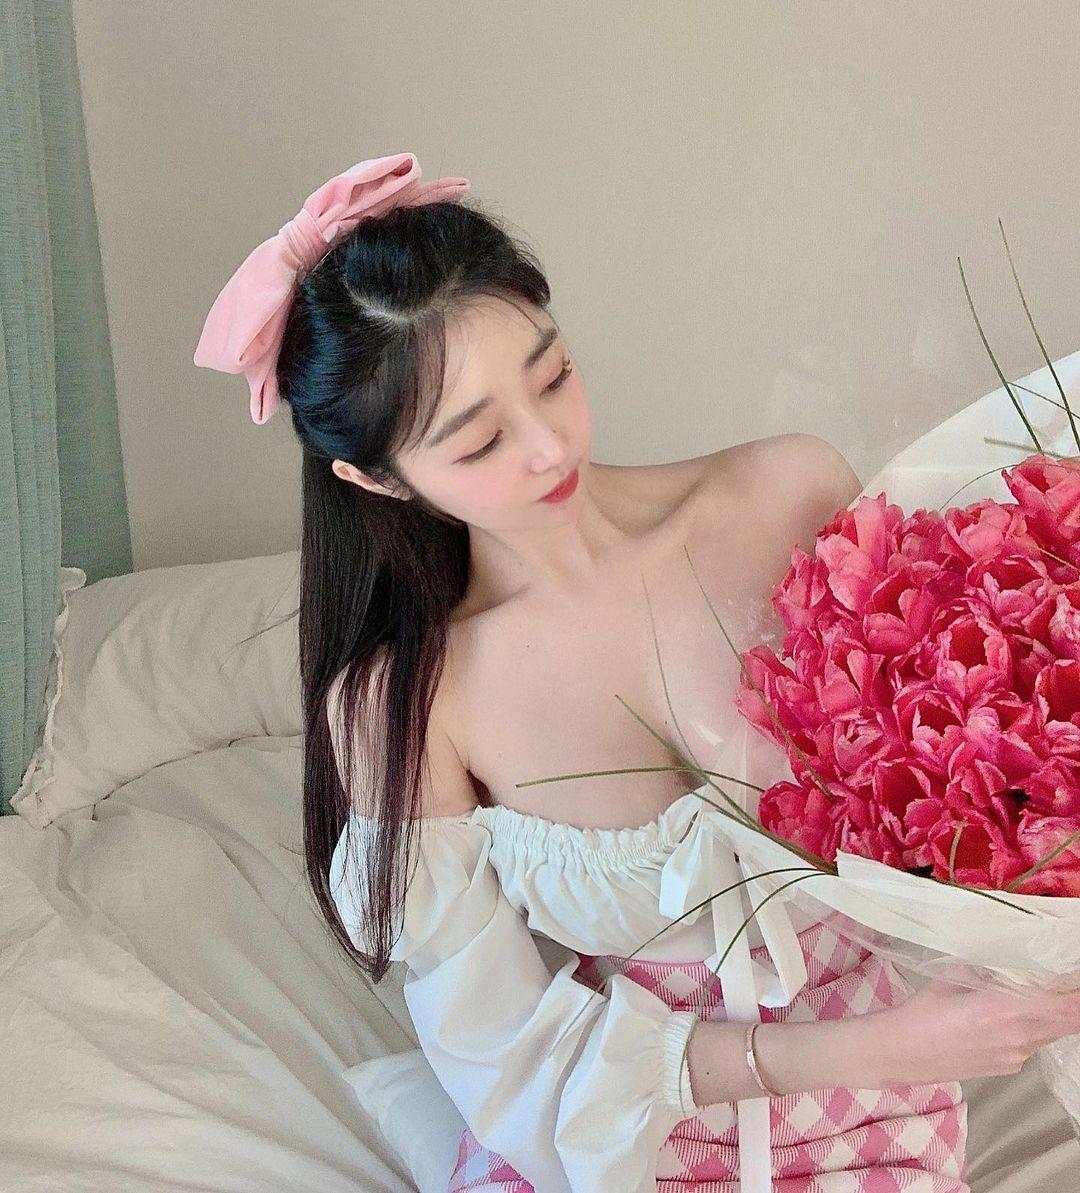 Nữ giám đốc Hàn Quốc diện đồ công sở cũng gợi cảm nhờ vòng 1 đẹp đầy đặn - hình ảnh 8